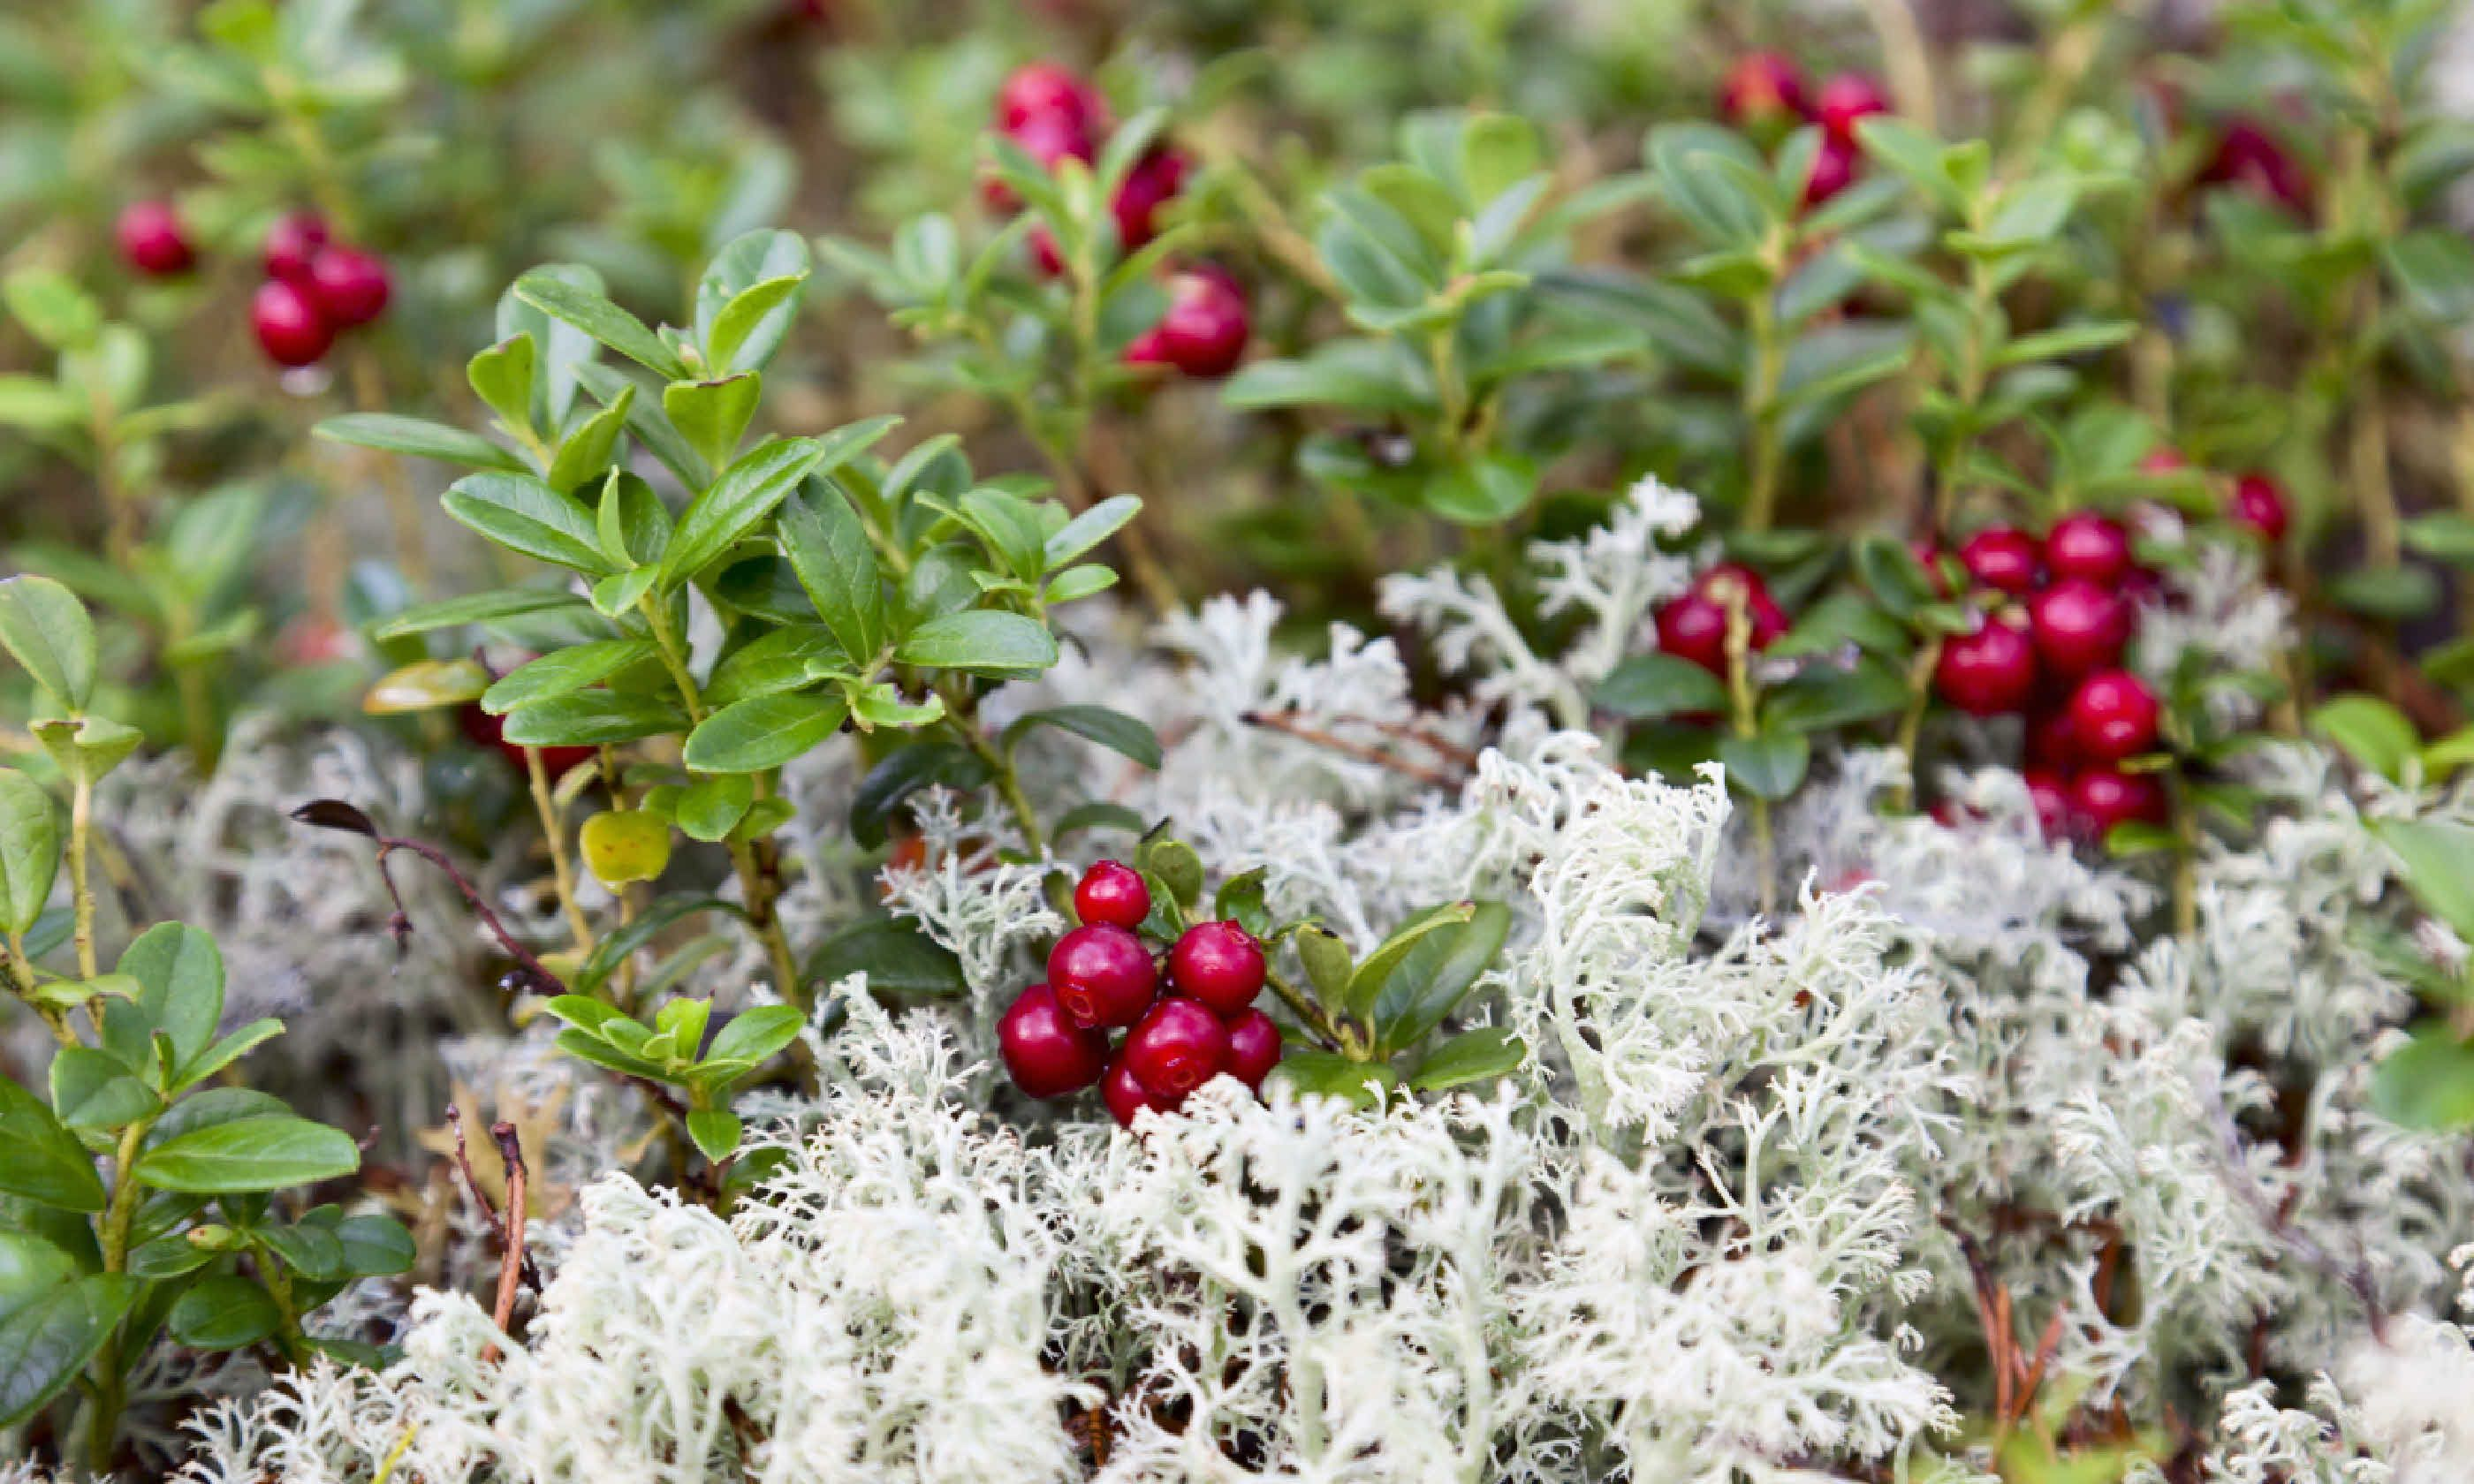 Wild lingonberries (Shutterstock)